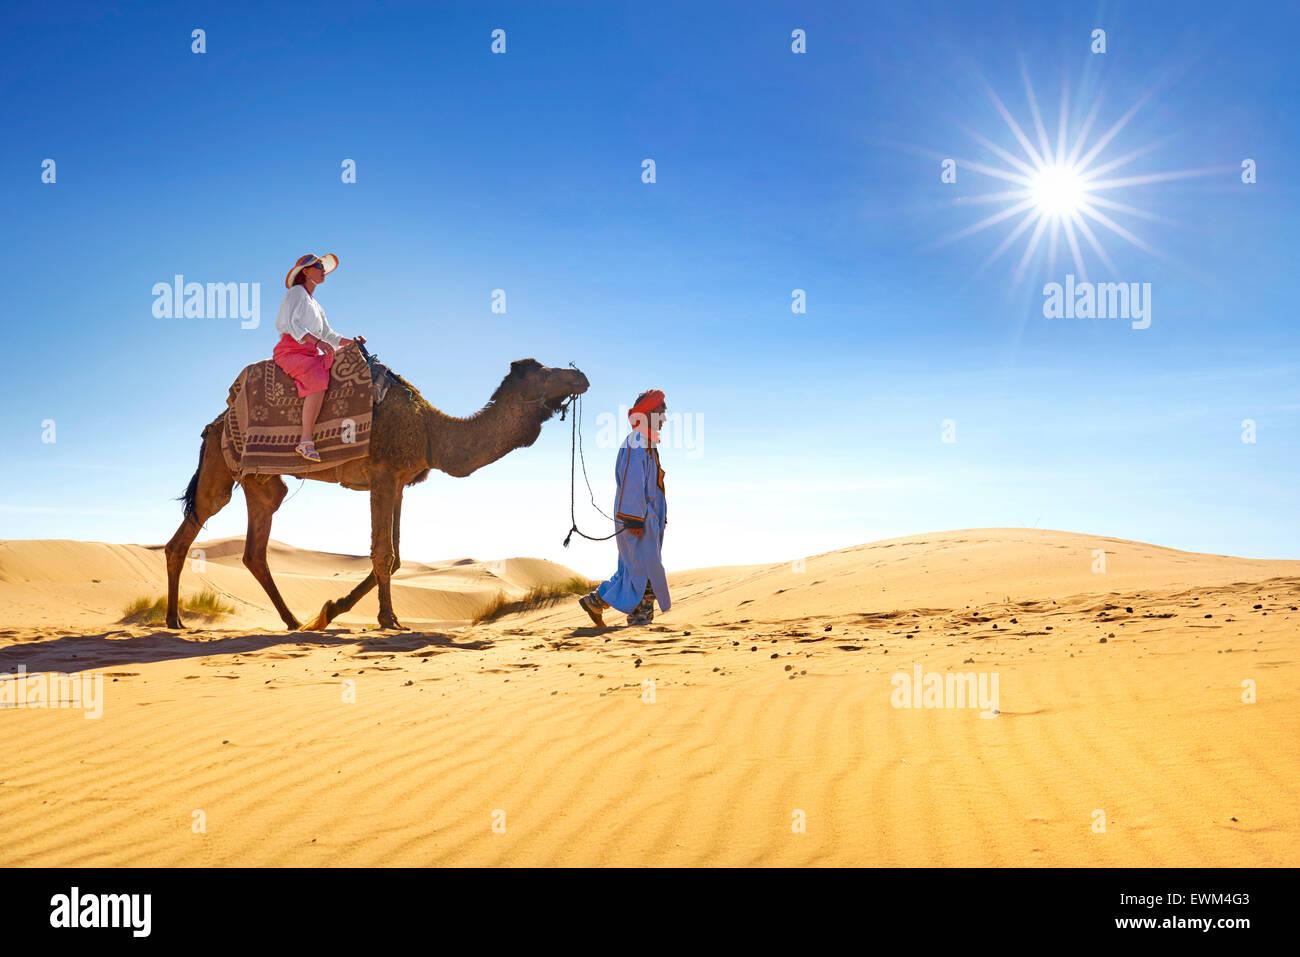 Turista de paseo en camello, Erg Chebbi : desierto cerca de Merzouga, Sahara, Marruecos Foto de stock